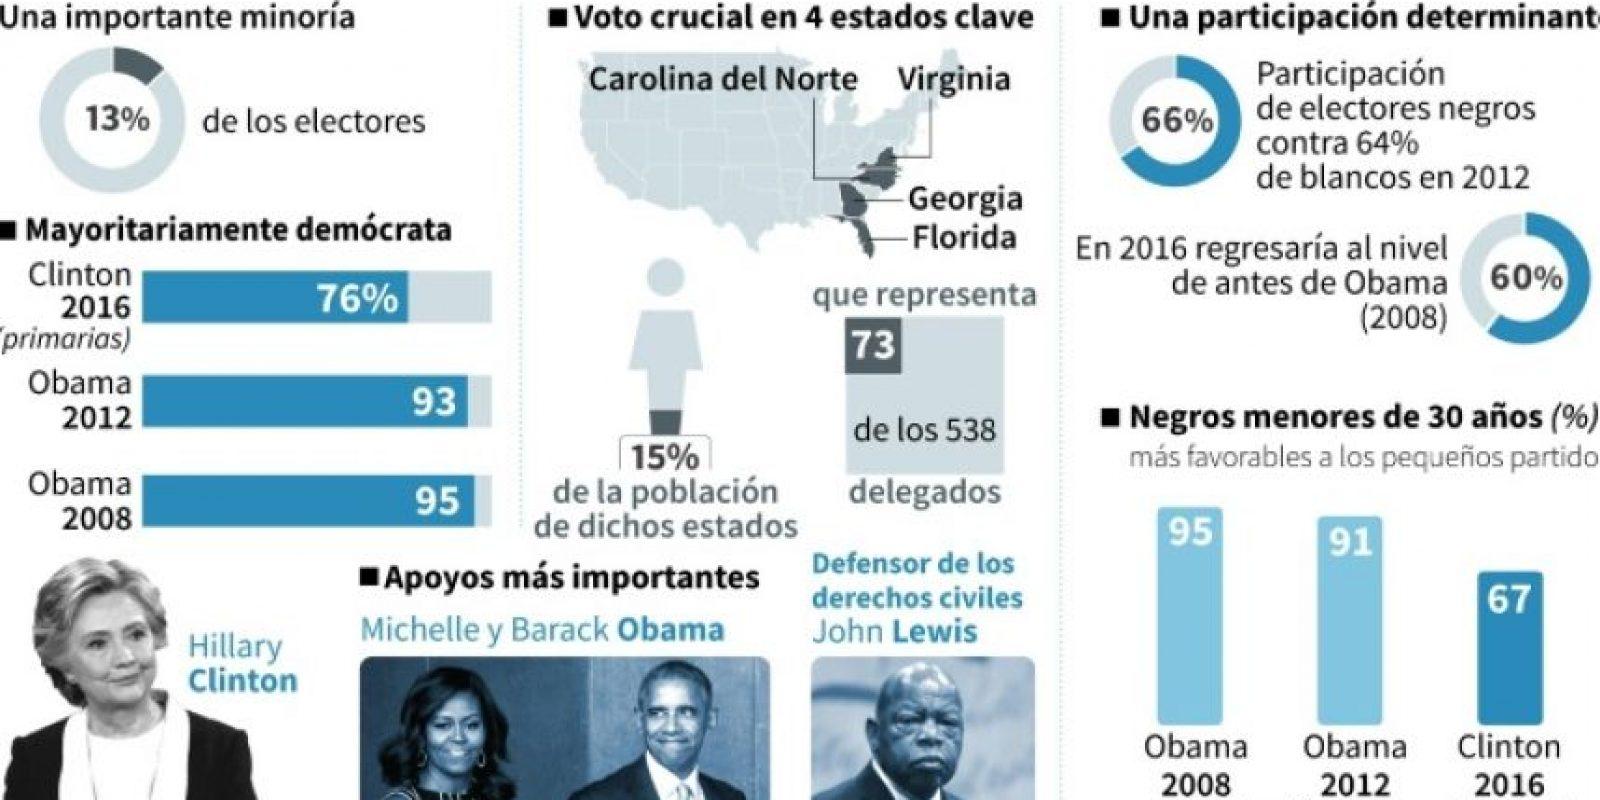 El voto de los negros en la presidencial de EEUU Foto:Christopher HUFFAKER, Paz PIZARRO, Gillian HANDYSIDE/afp.com